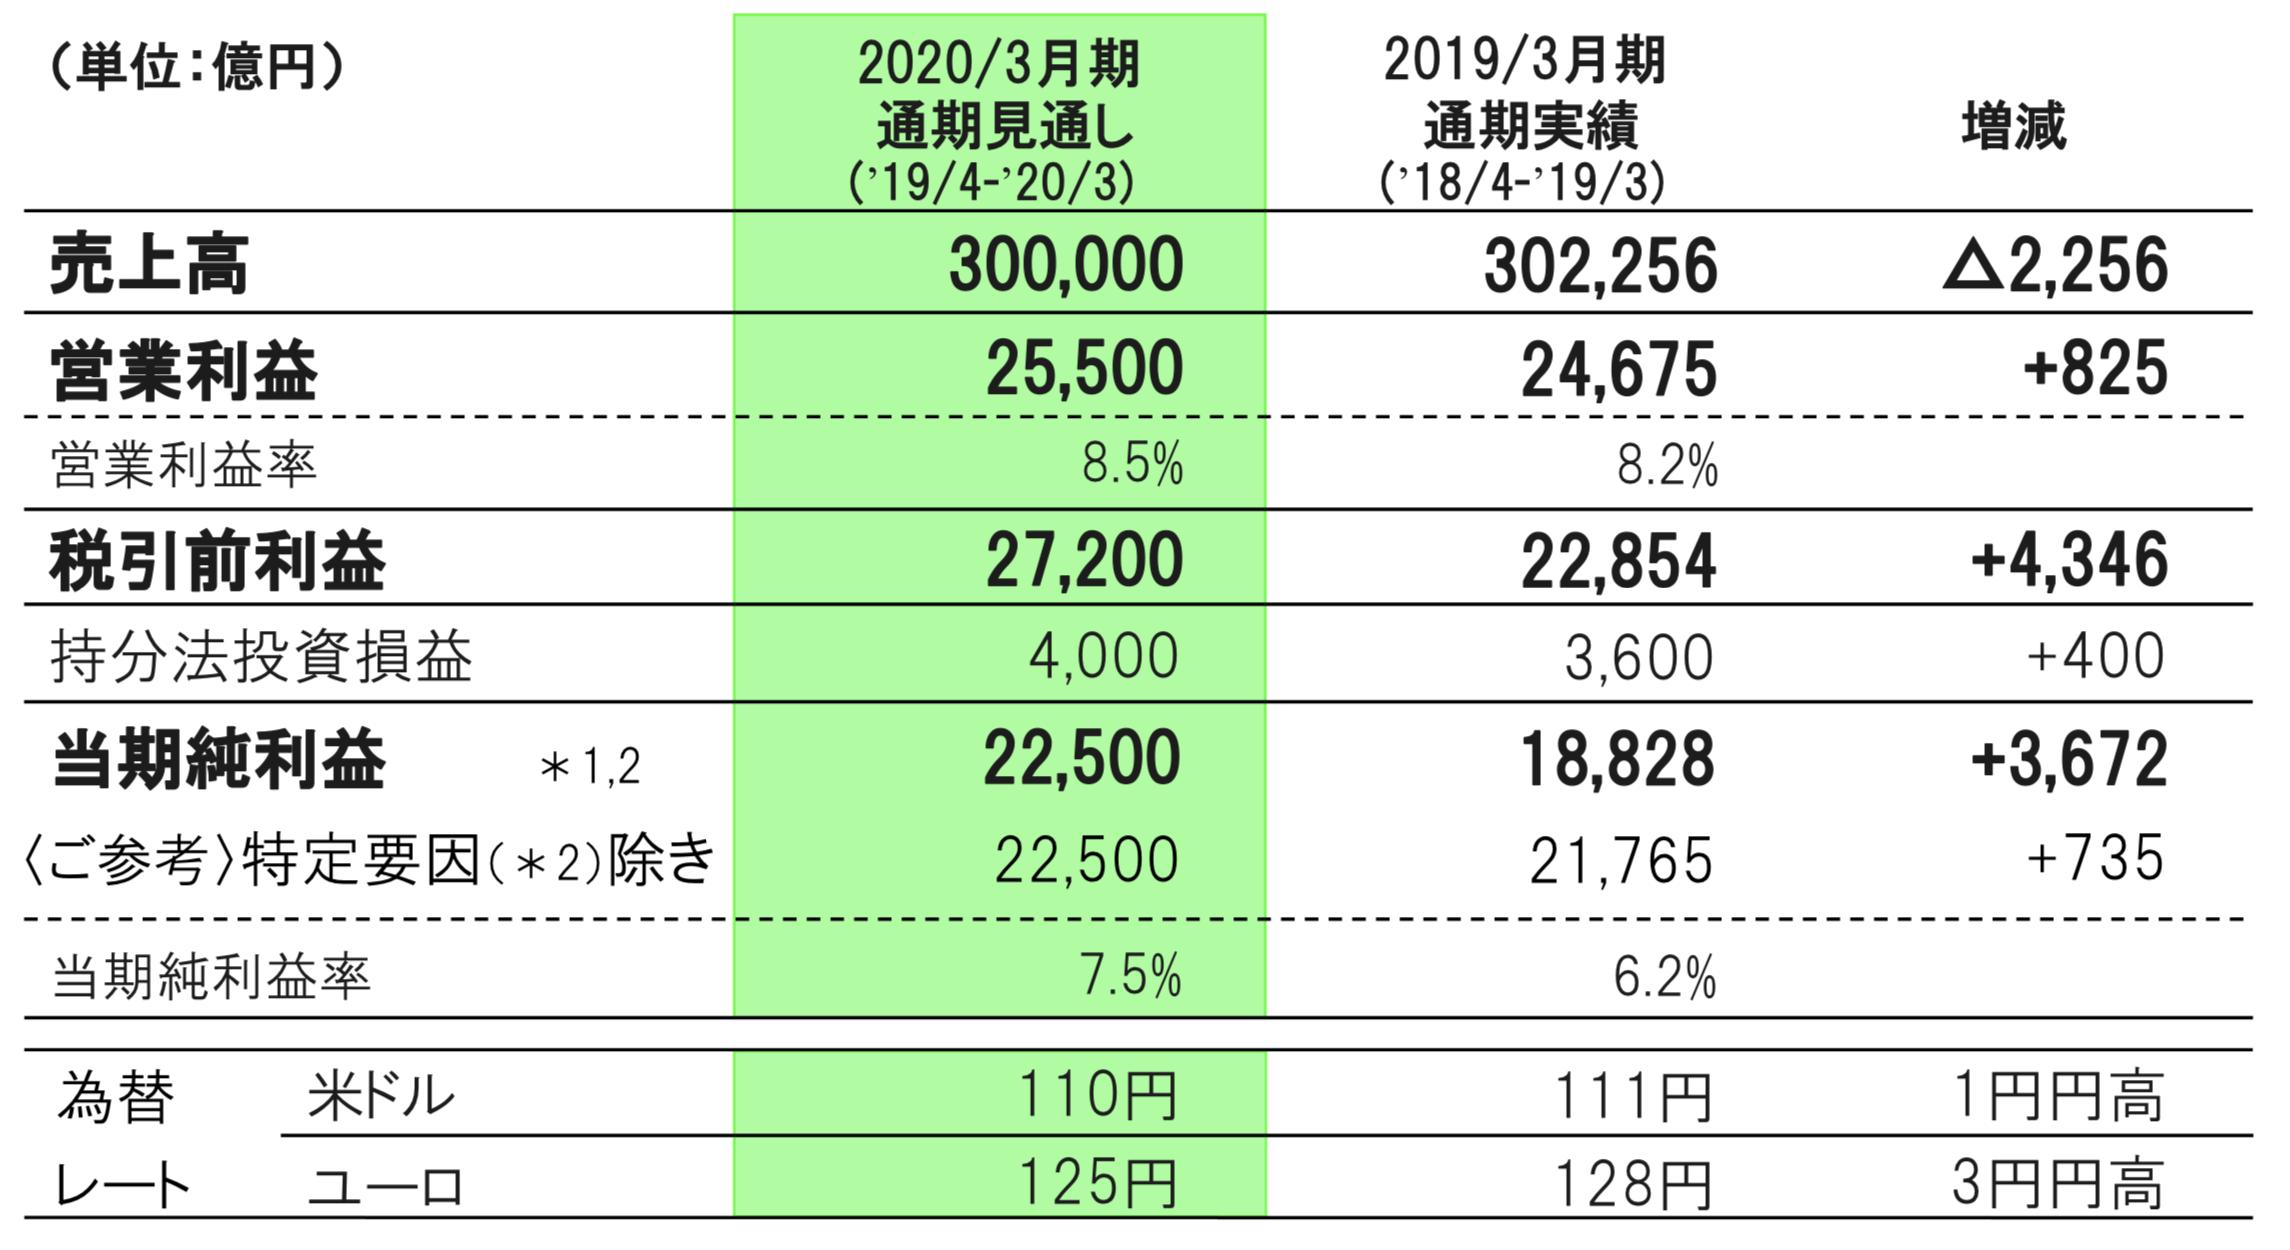 トヨタ自動車の2020年3月期の見通し